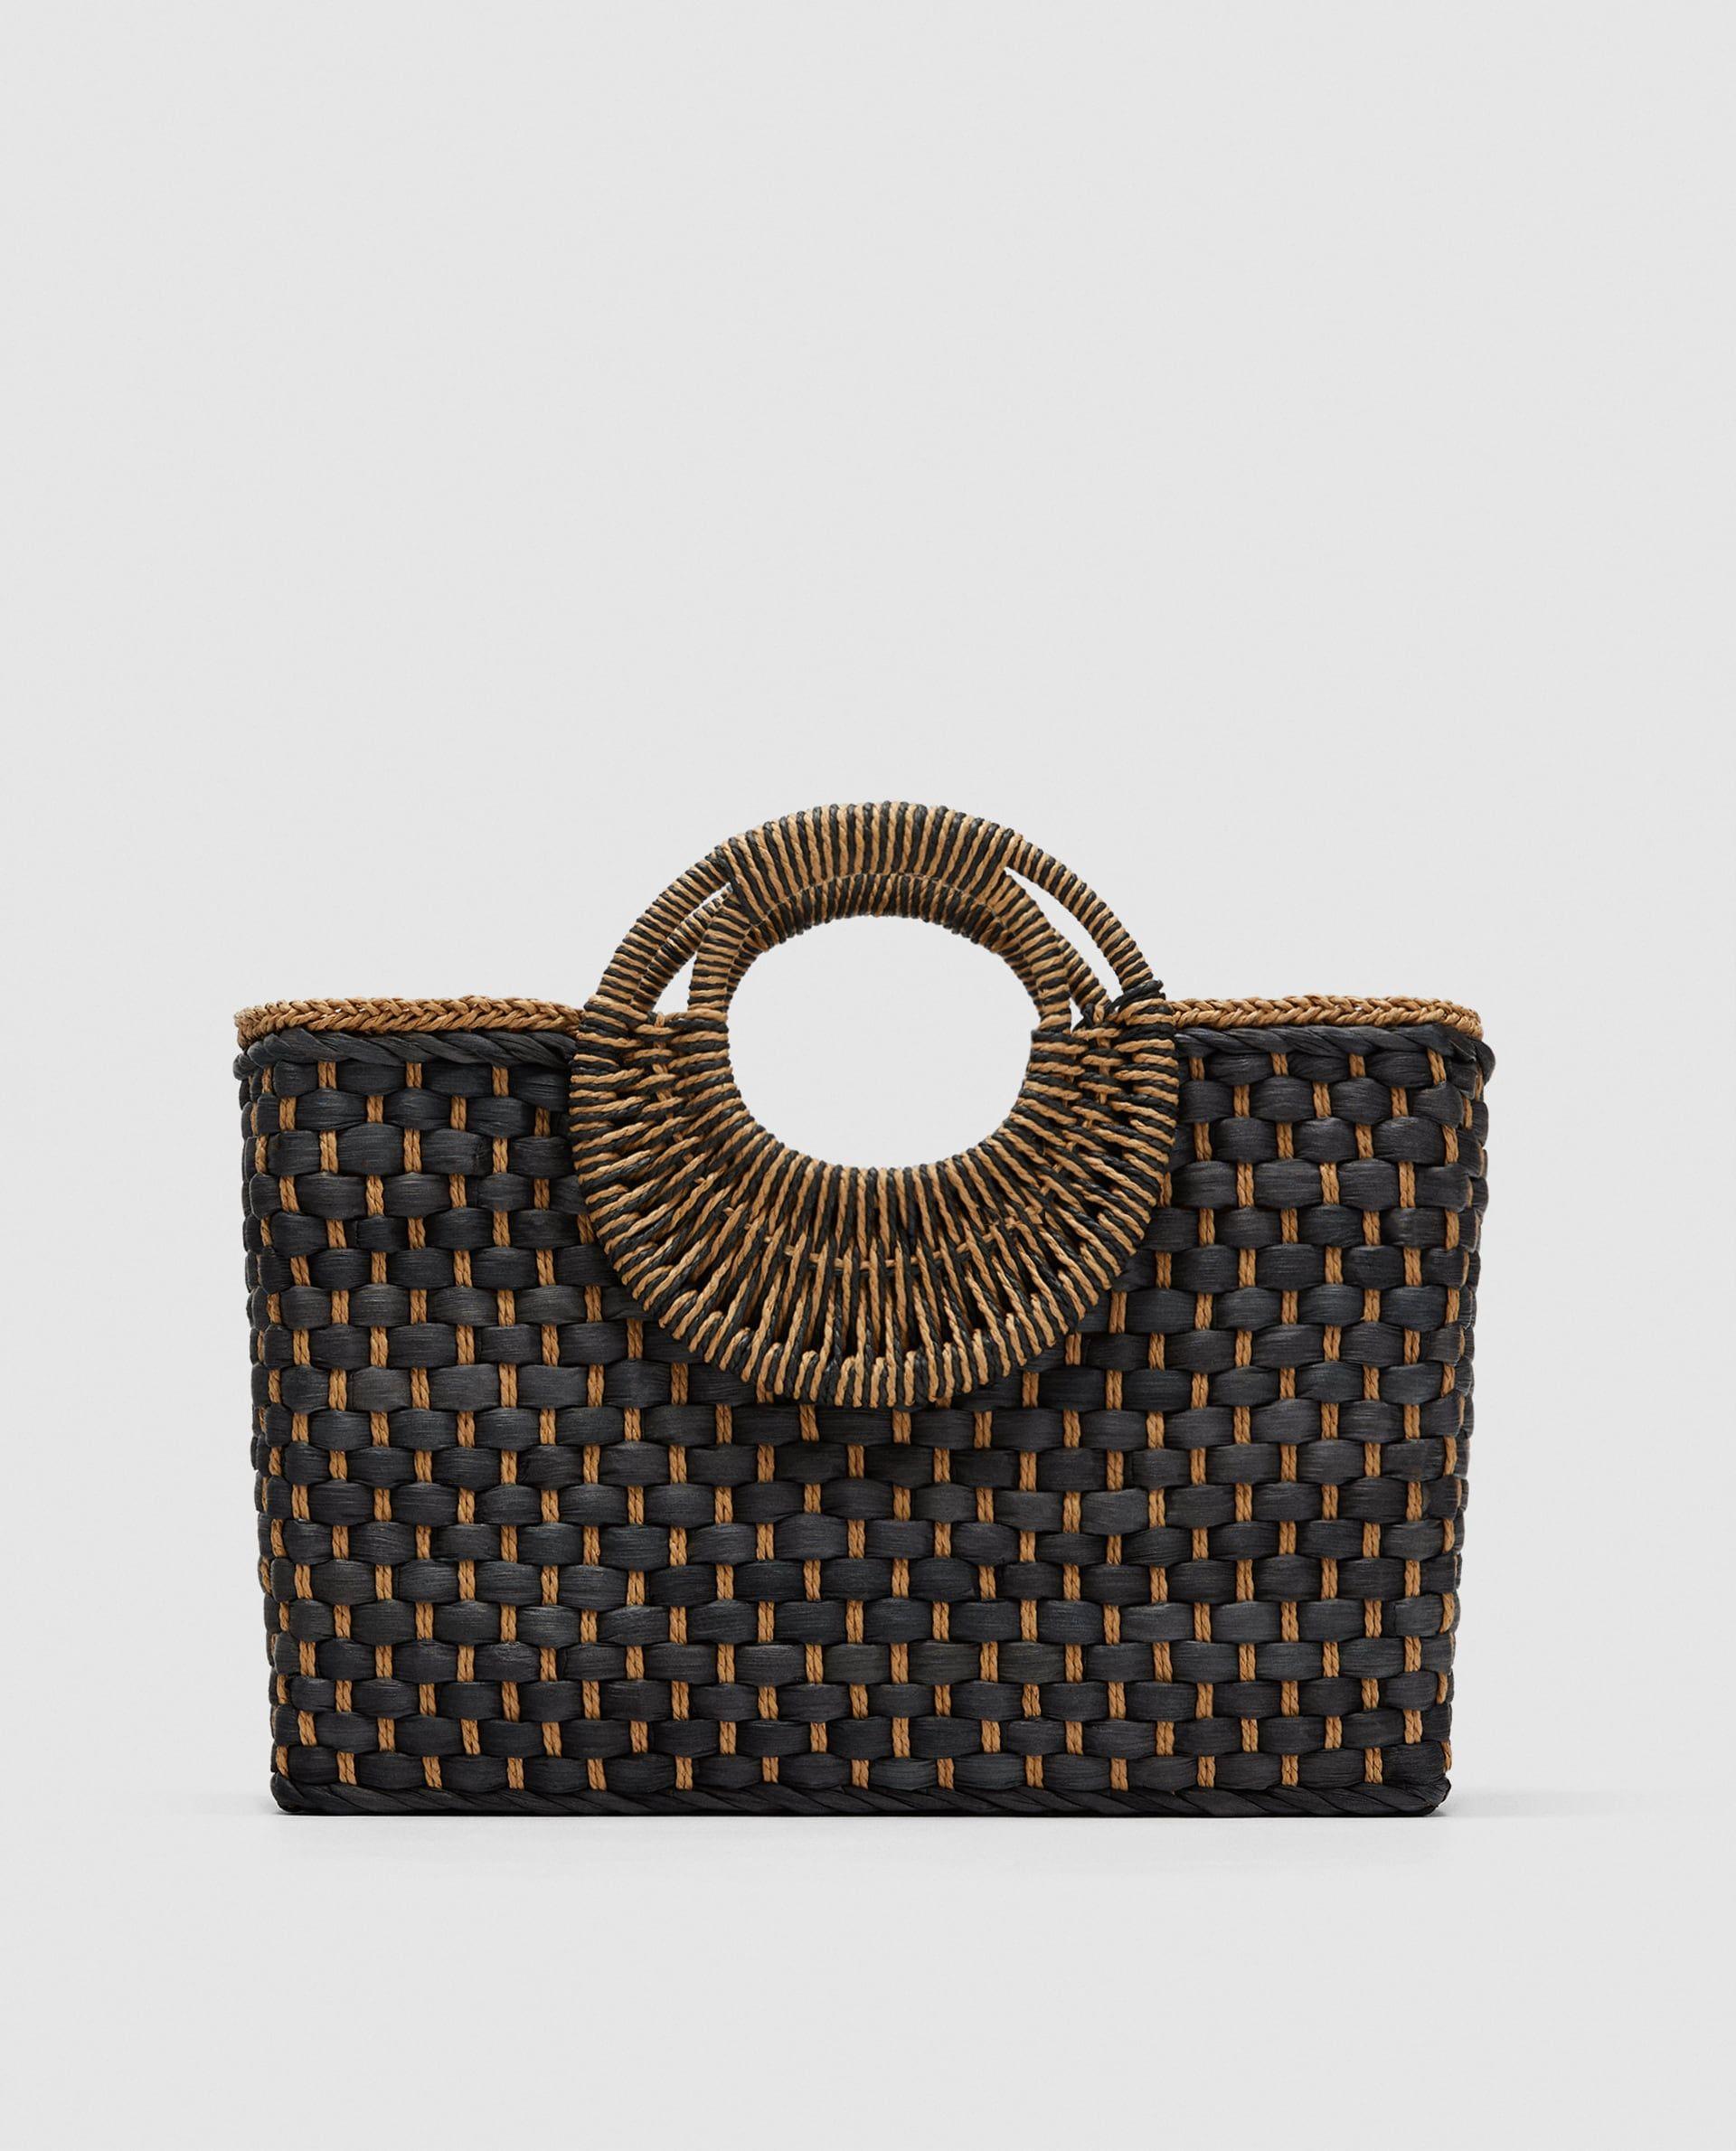 Zara Handbags New Collection The Art Of Mike Mignola